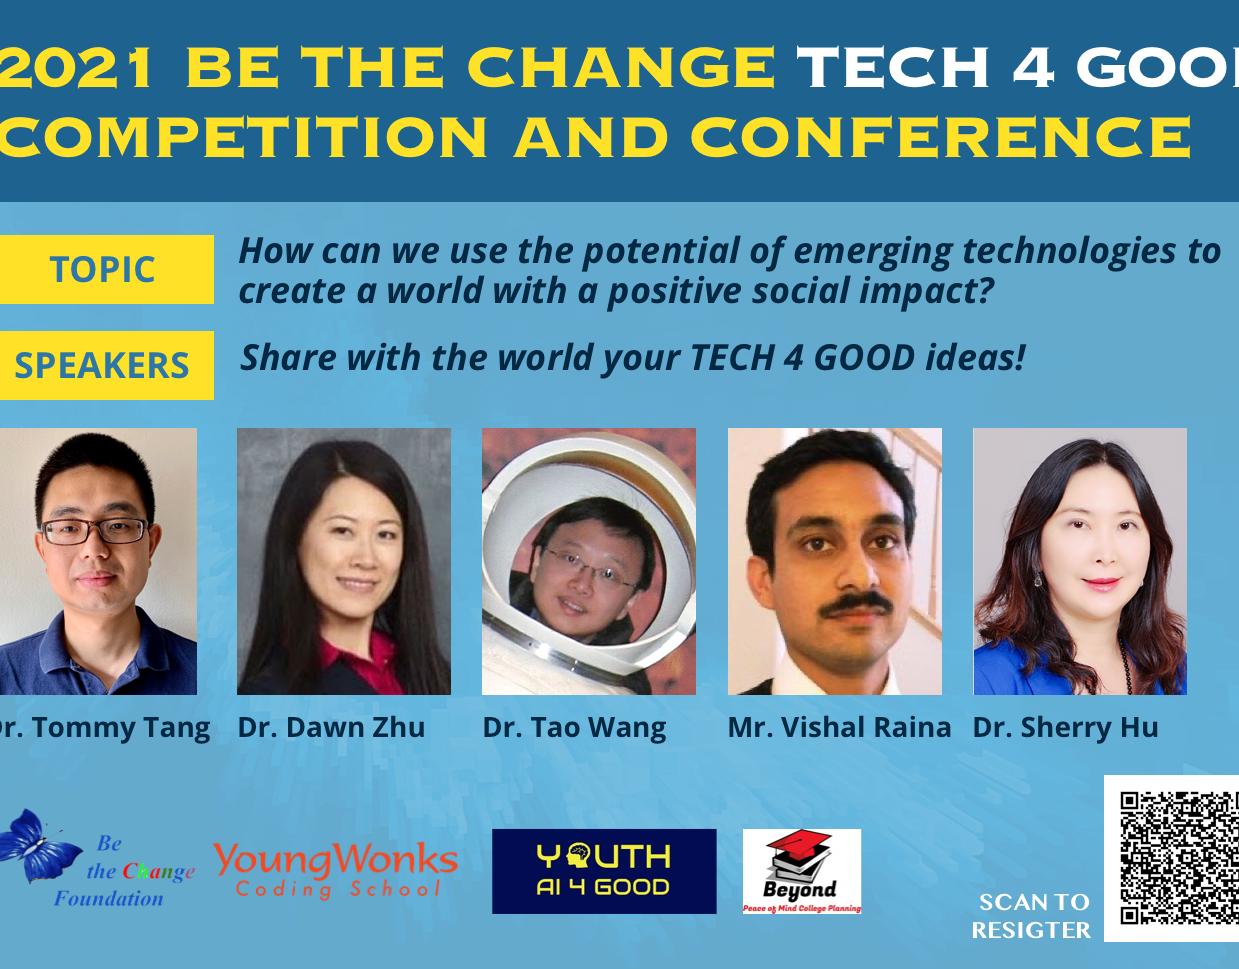 2021 BTC Tech 4 Good Conferences & Competitions